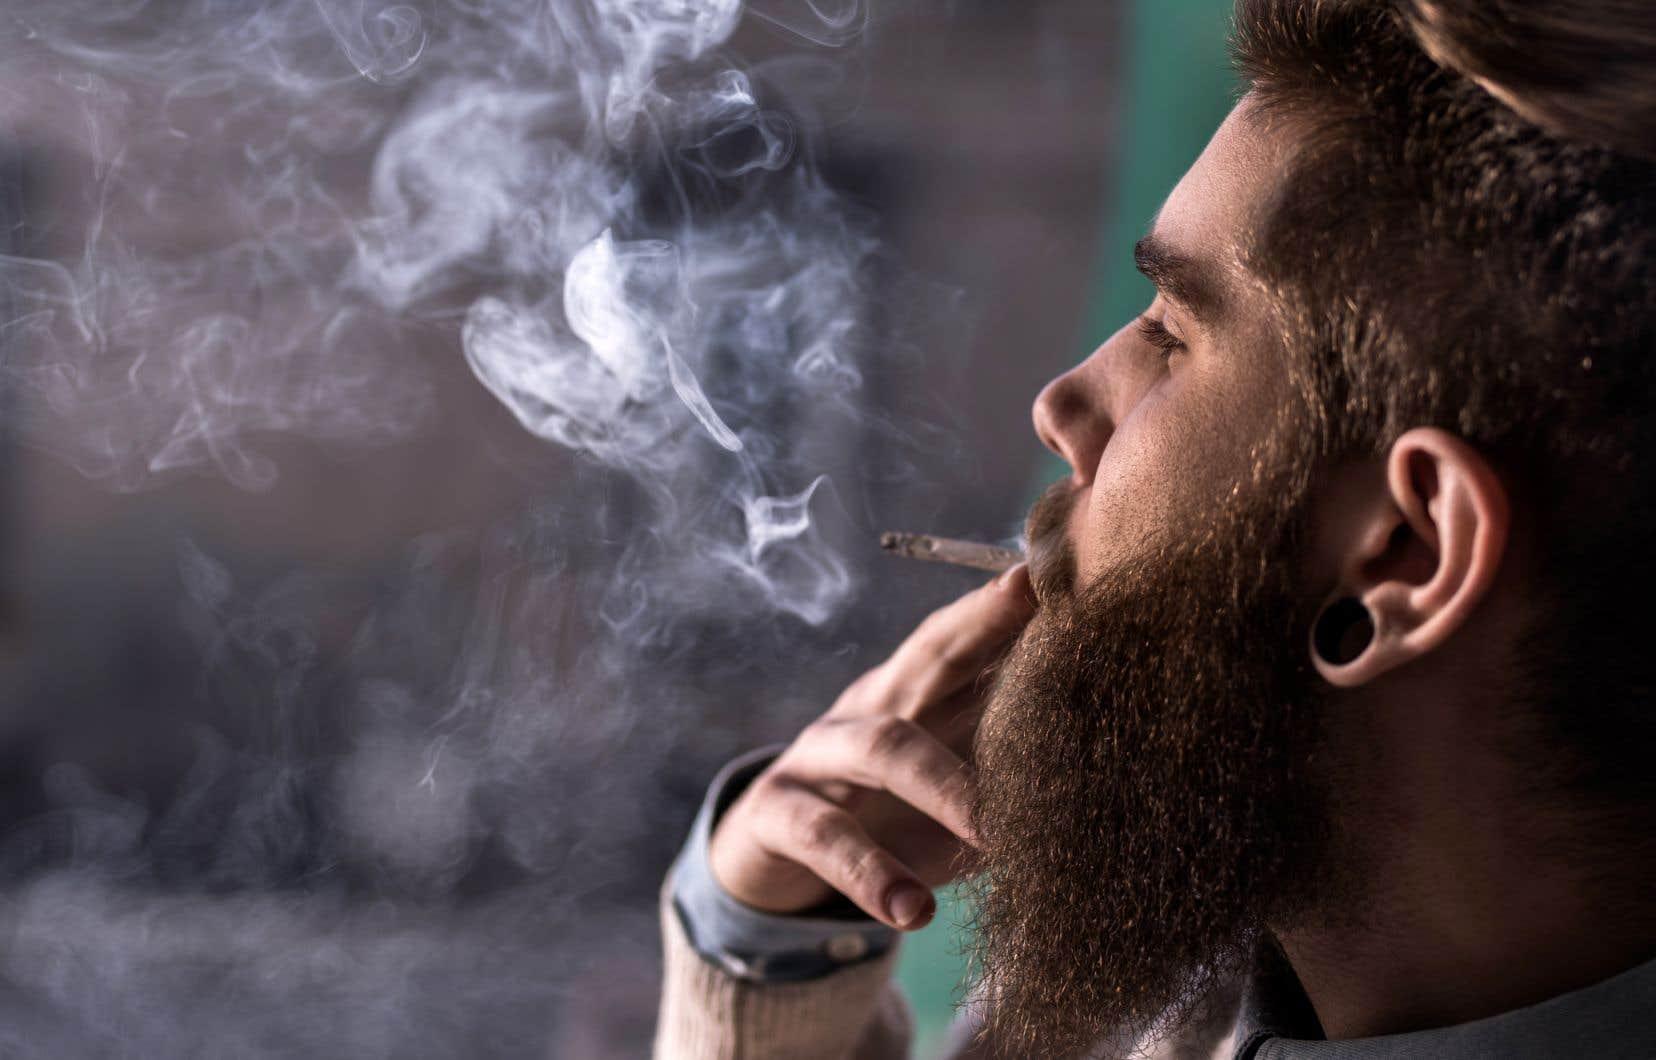 «Le Devoir» a donné la parole lundi à des chercheurs qui ont ainsi établi qu'il est impossible de détecter le niveau d'intoxication au cannabis en analysant uniquement la salive, le sang ou l'urine d'un individu.